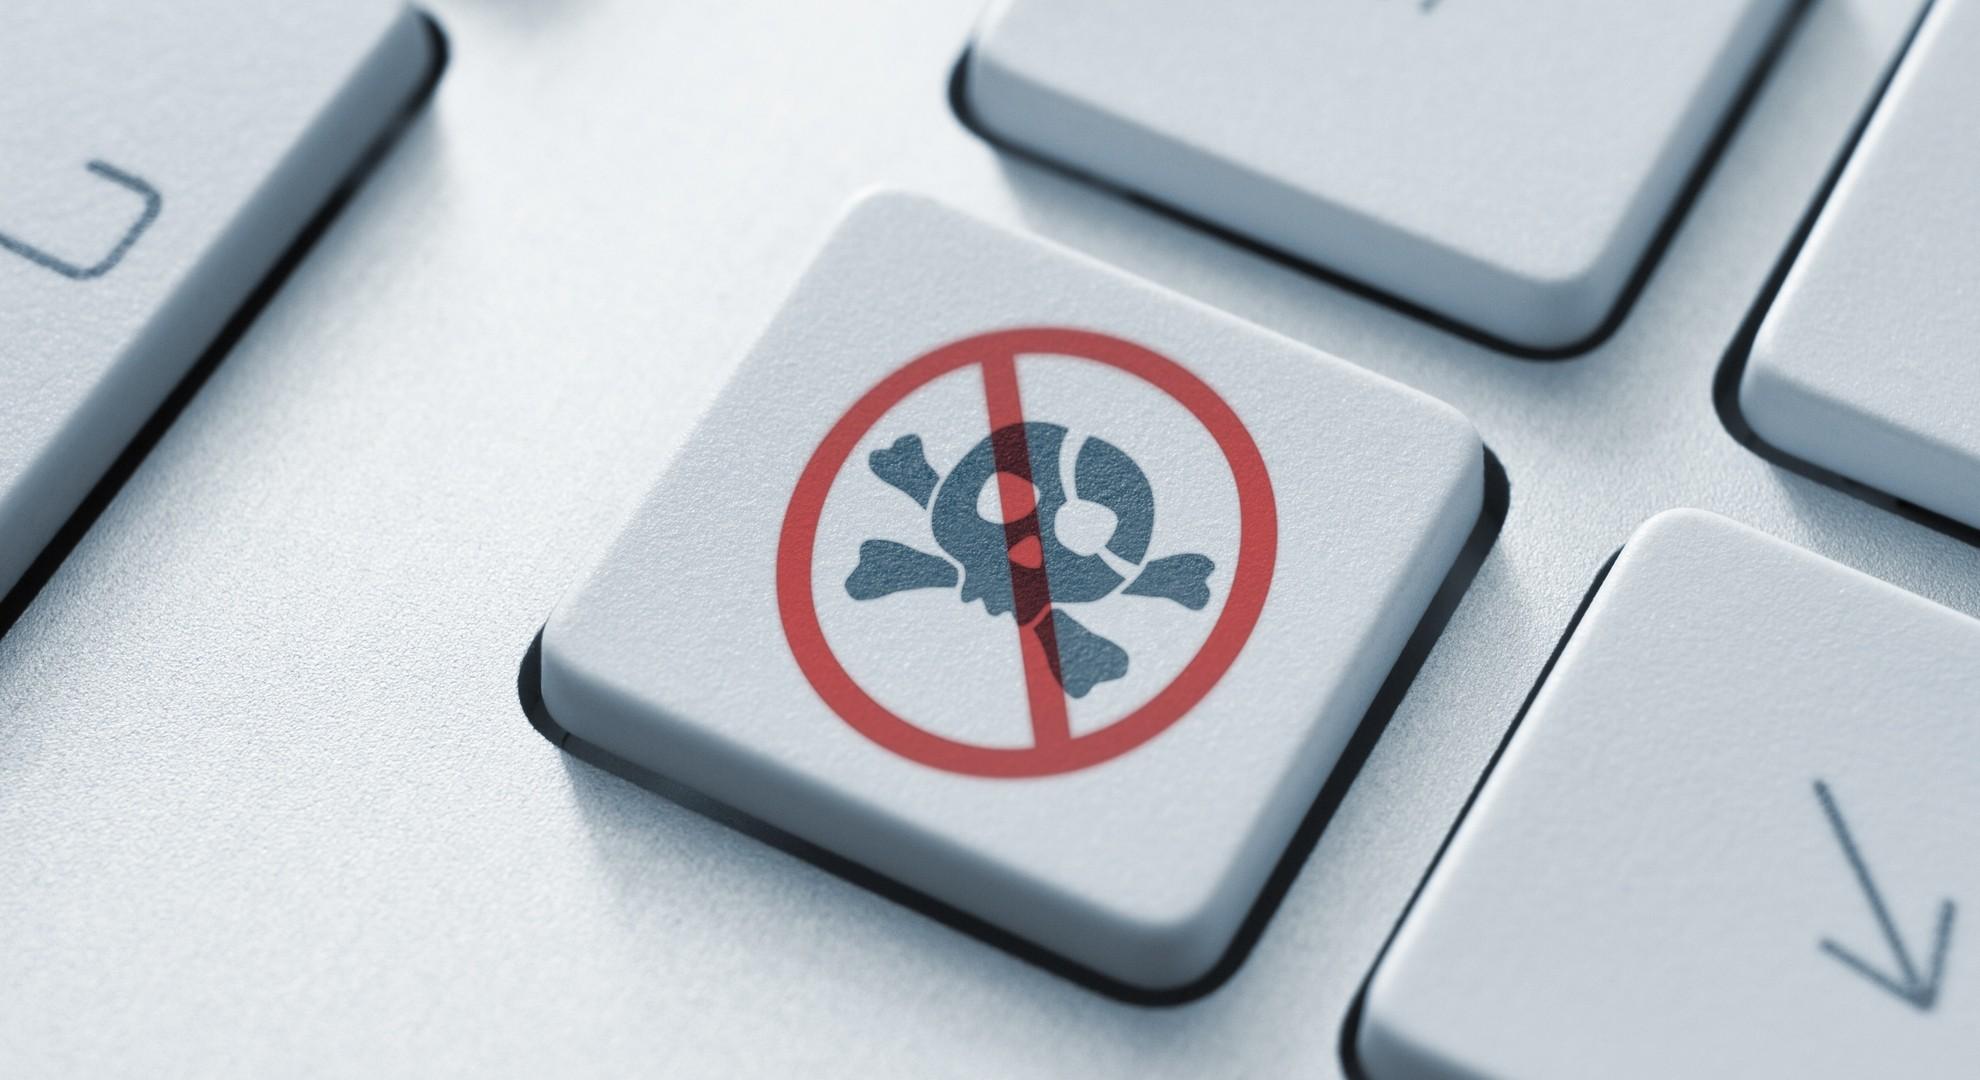 В Мосгорсуд поступили иски о постоянной блокировке файлообменника Rutracker